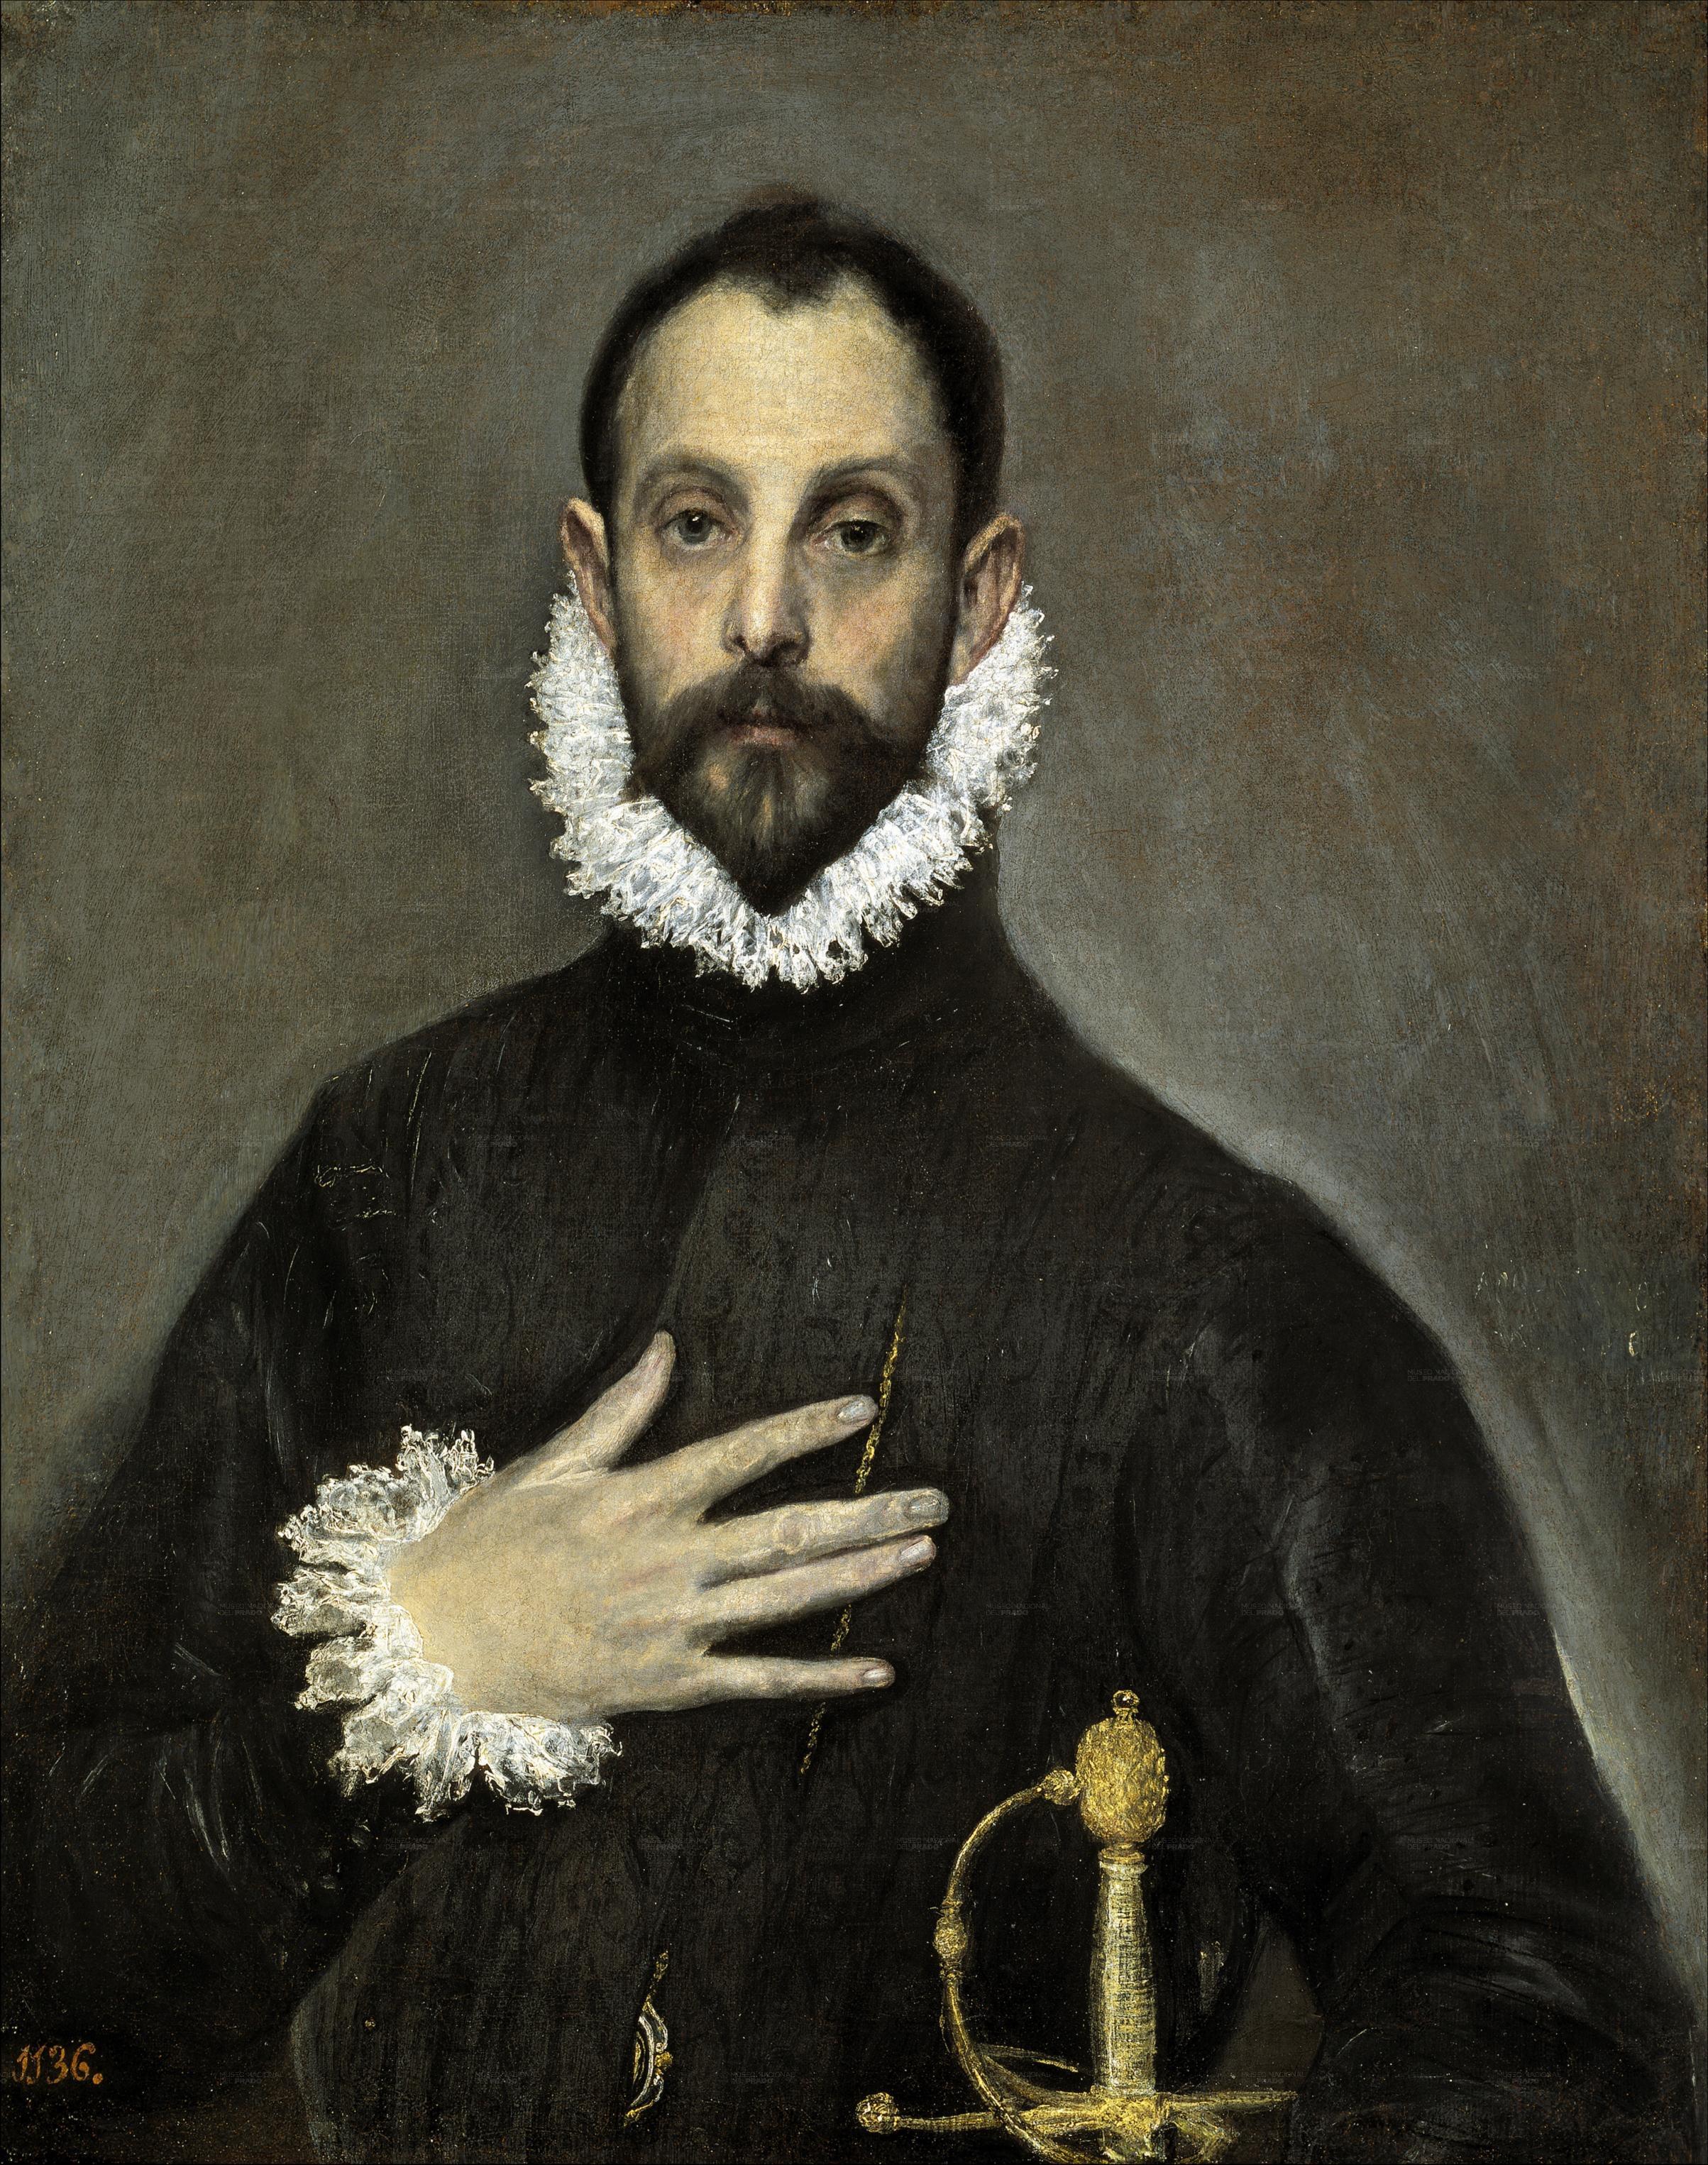 el_greco_el_caballero_de_la_mano_en_el_pecho_the_nobleman_with_his_hand_on_his_chest_1580-1582_82x66cm_prado_museum_p008.jpg